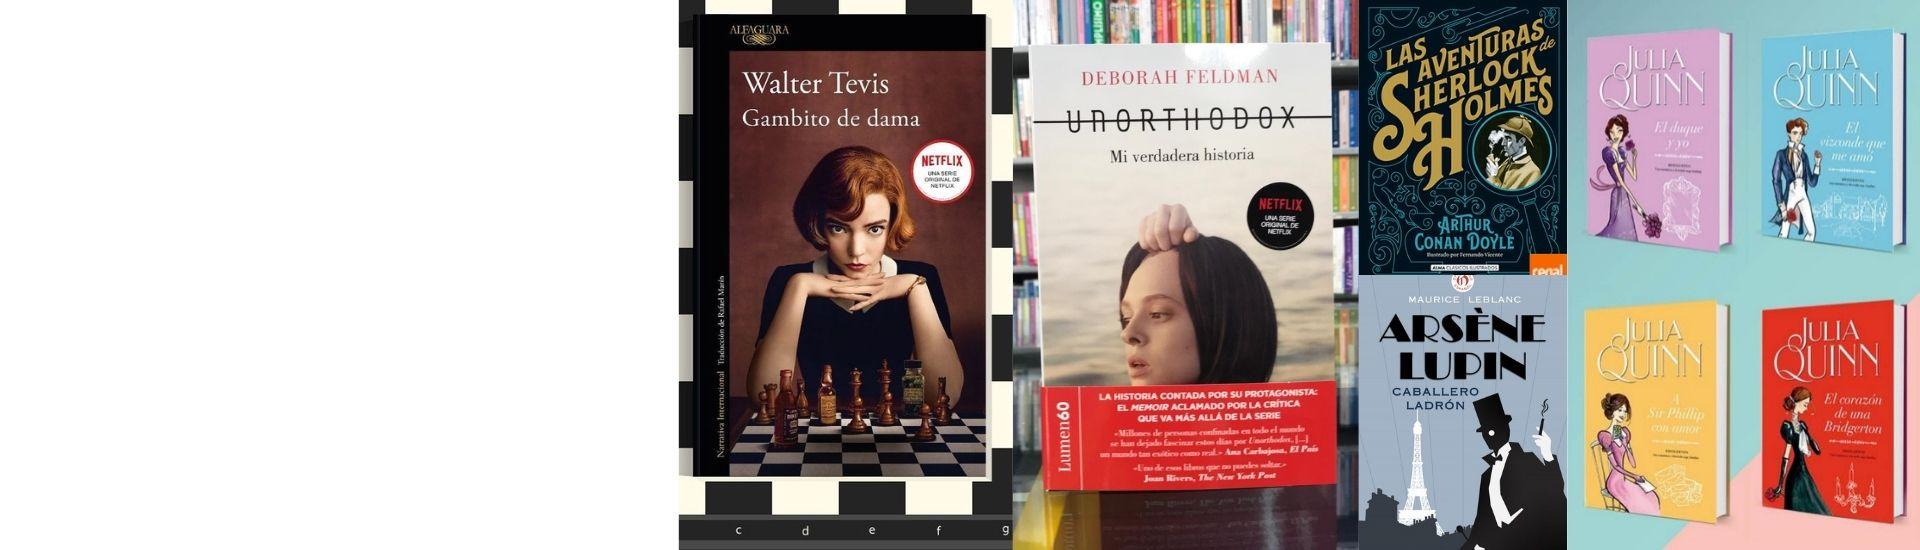 En la imagen se ve la portada de cinco libros adaptados a series